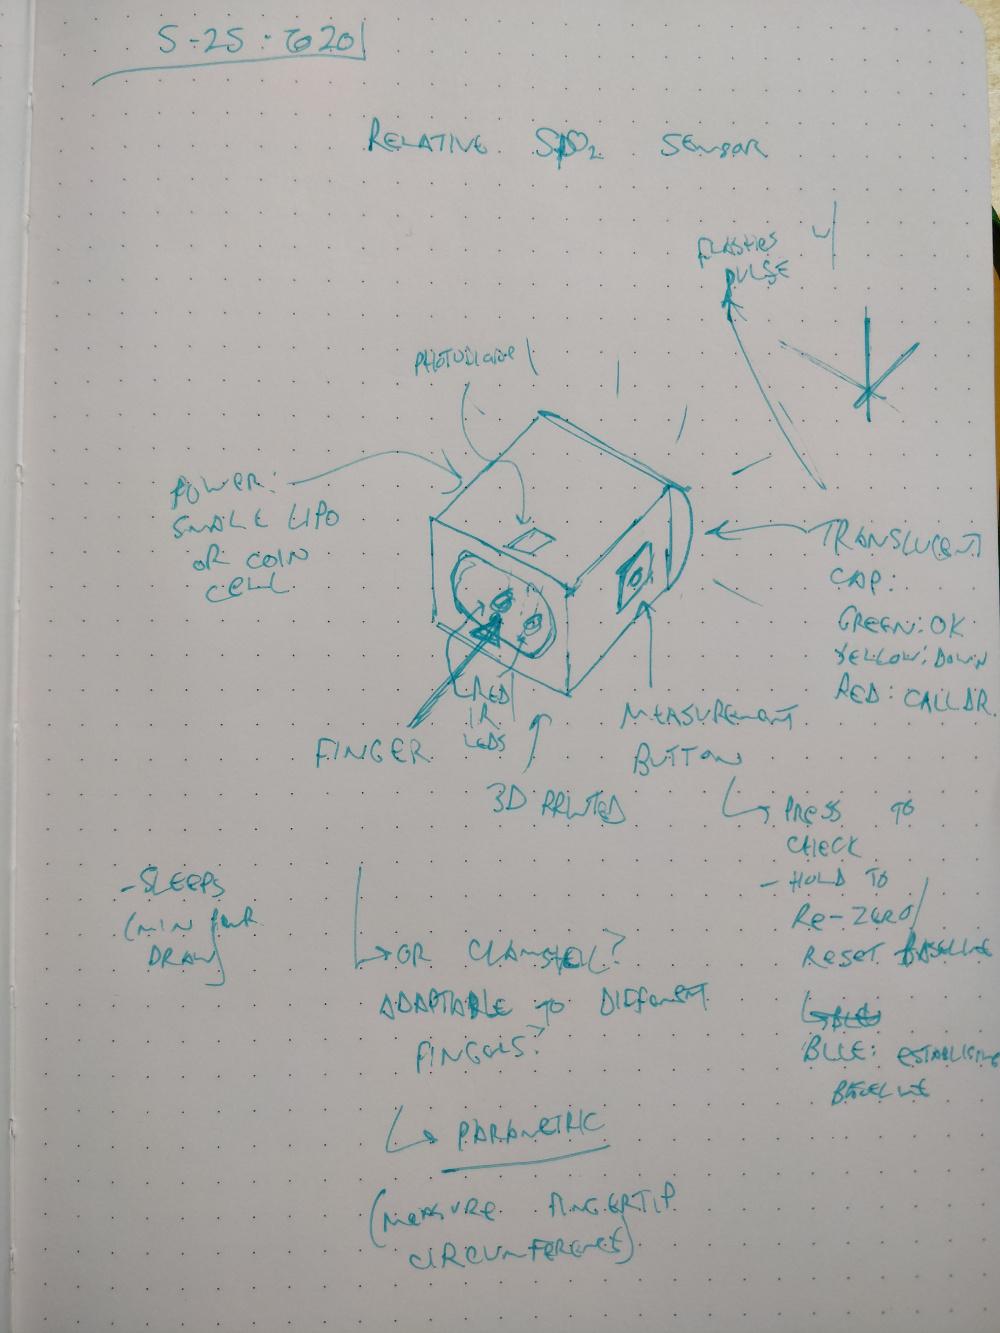 img/pulseox_plans.jpg